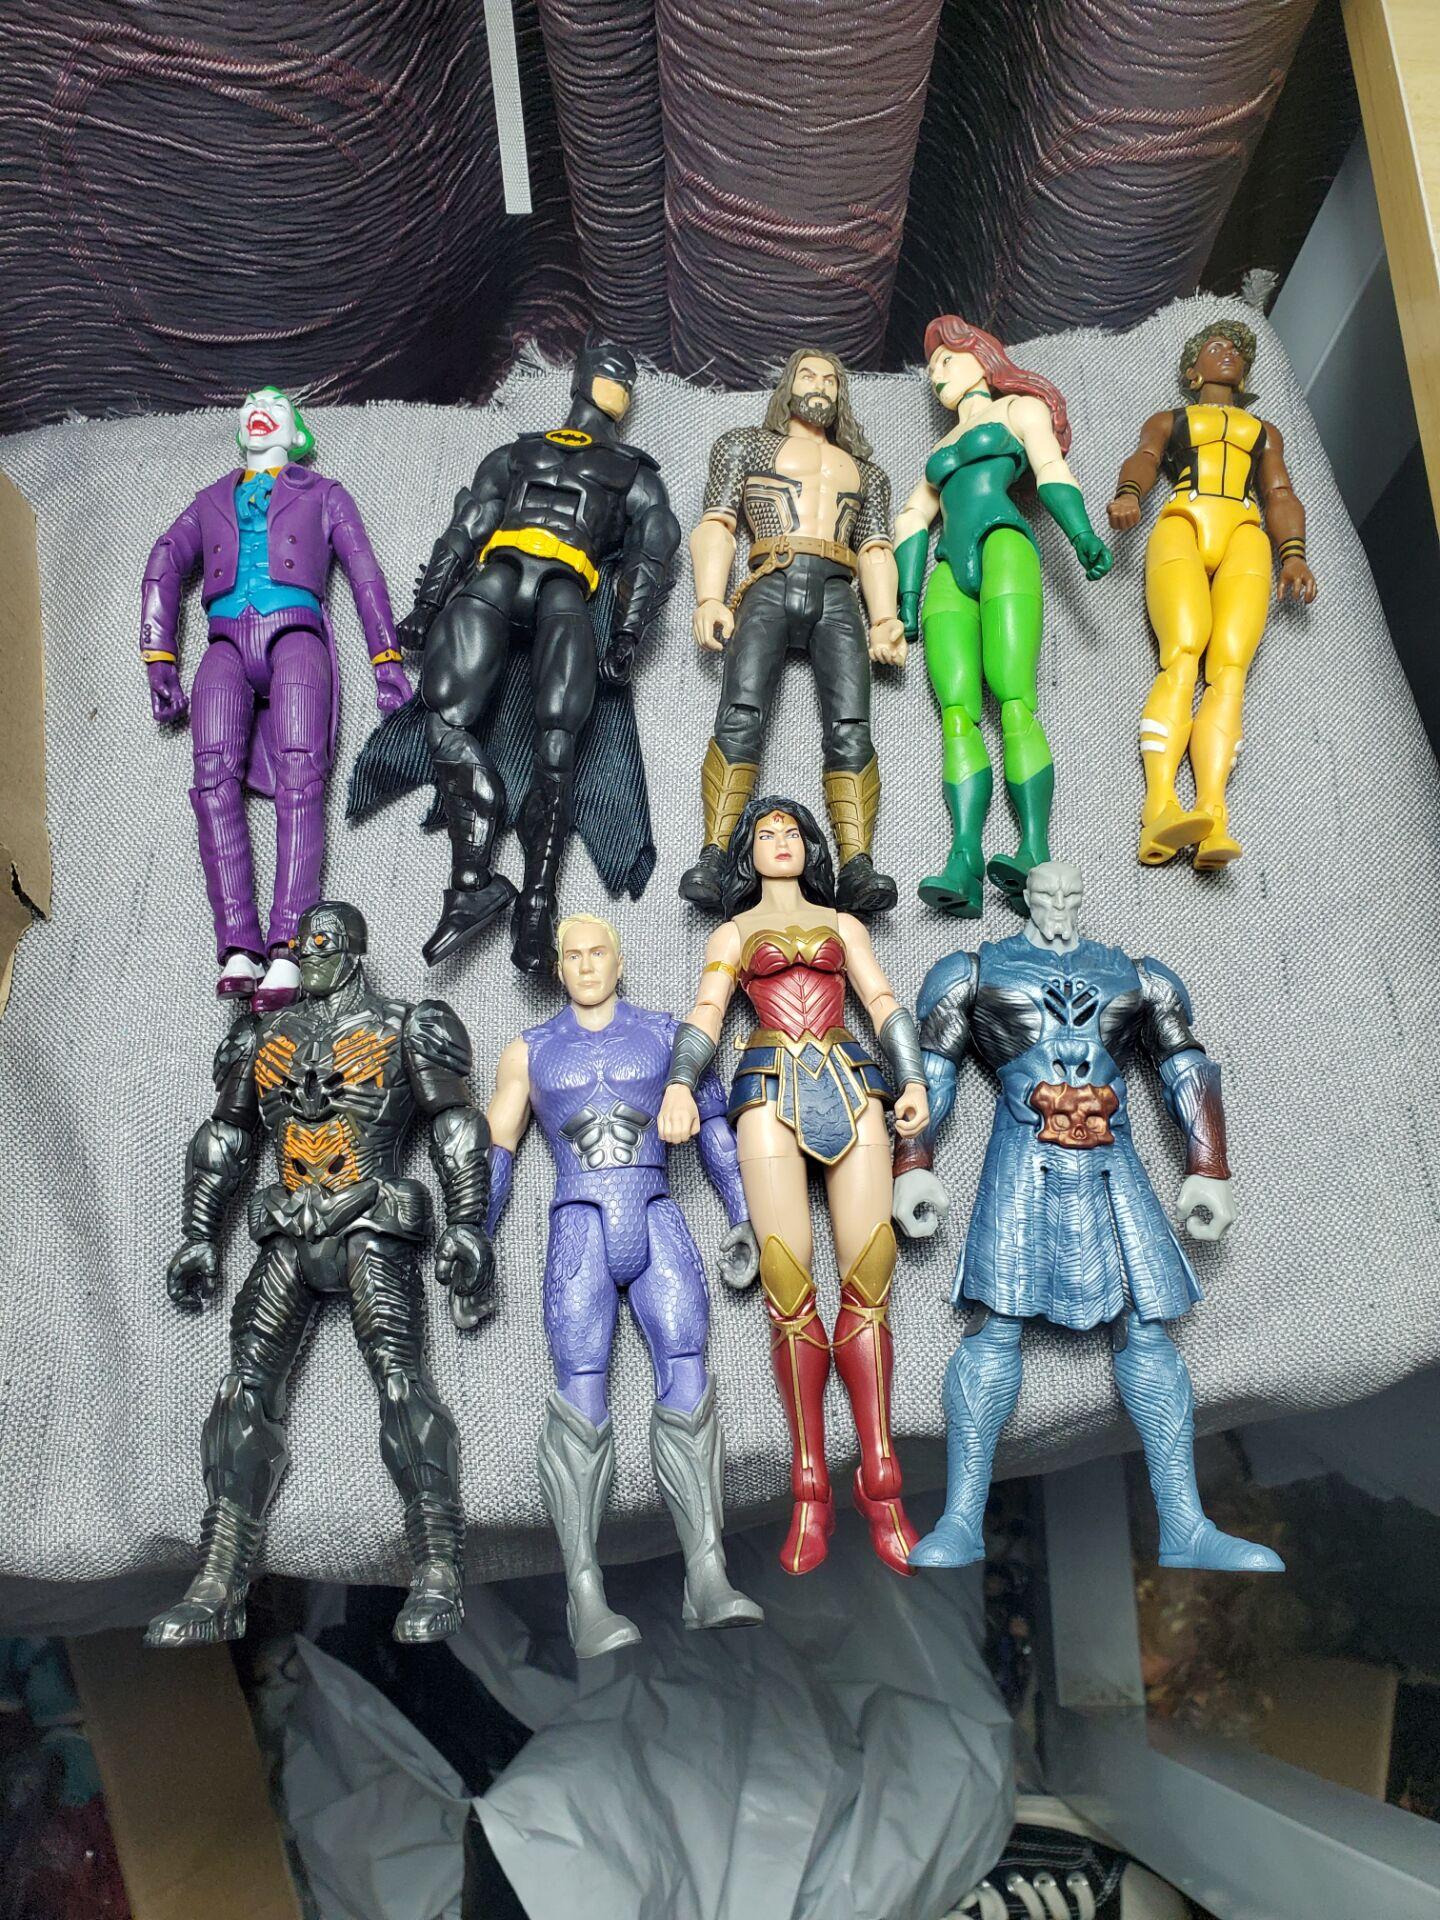 DC figma супергерой Человек-летучая мышь Джокер Зеленый Фонарь Aquaman робот 7 дюймов Аниме фигурки модели игрушки без аксессуаров супер крутая ку...